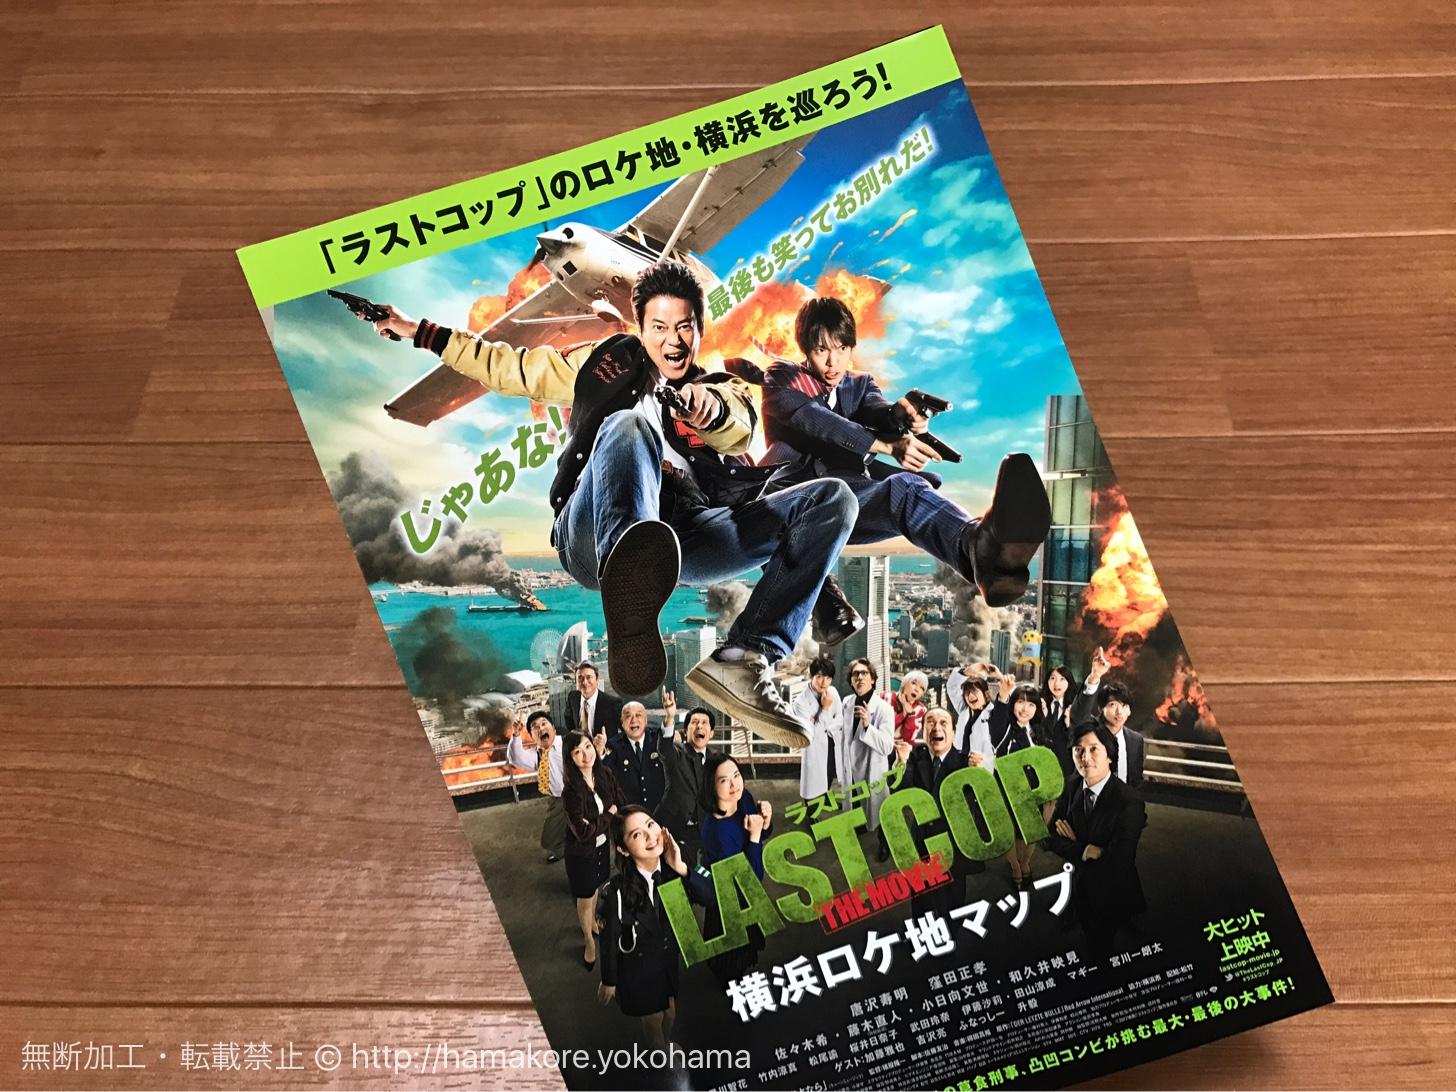 ラストコップ THE MOVIE、横浜市とタイアップでロケ地マップを配布中!配布場所はどこ!?